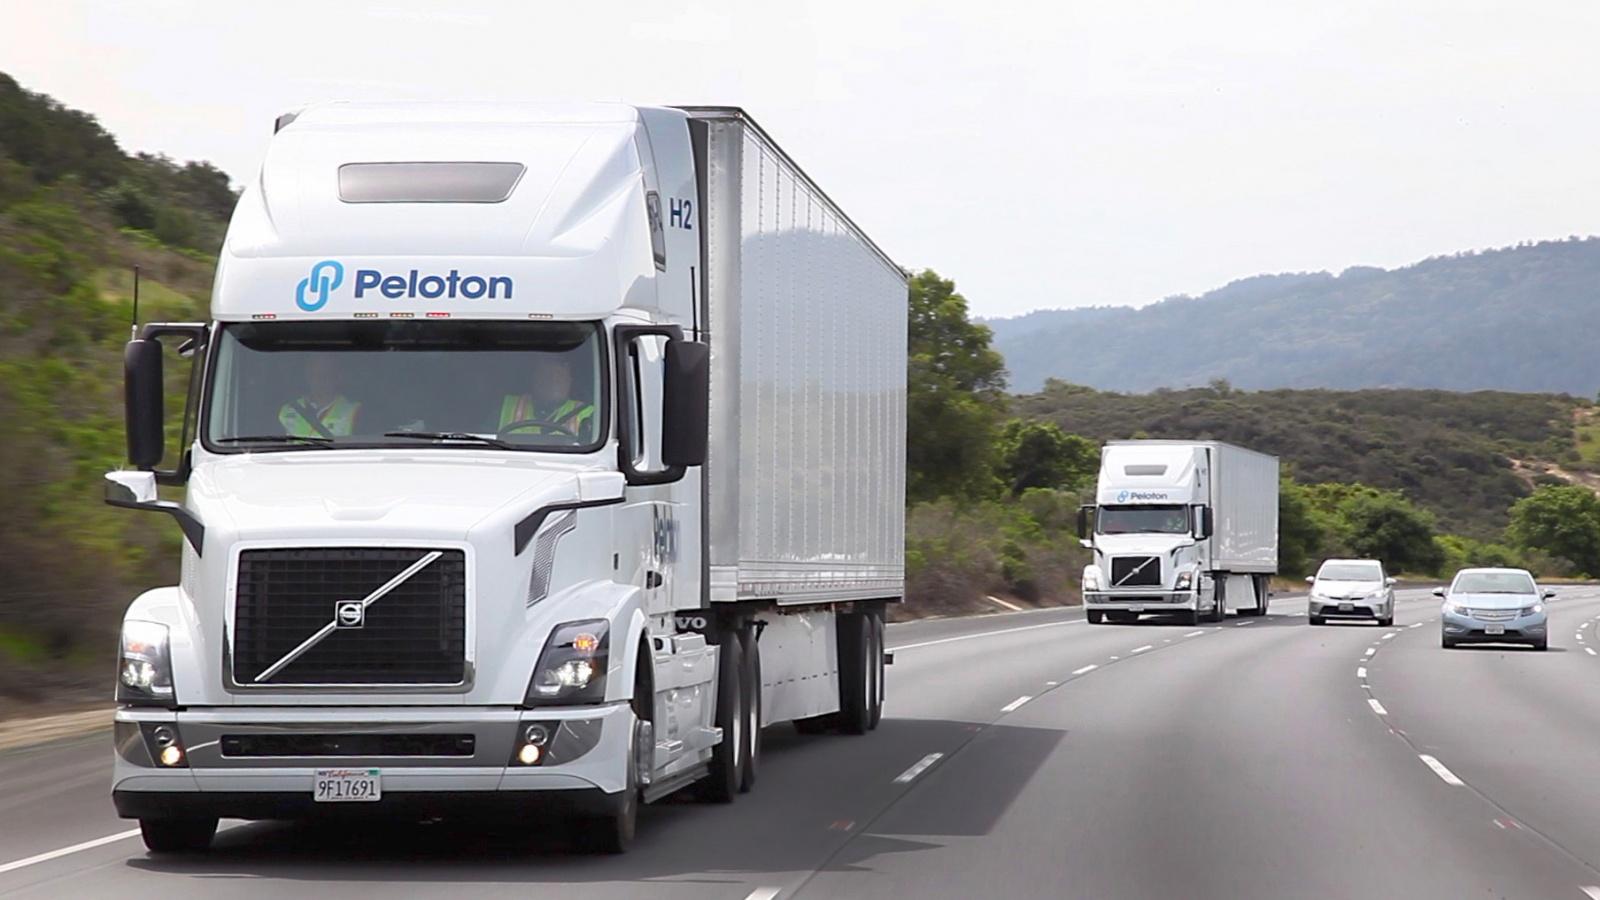 Конкуренция за будущий рынок: кто сегодня разрабатывает автономные грузовики - 6